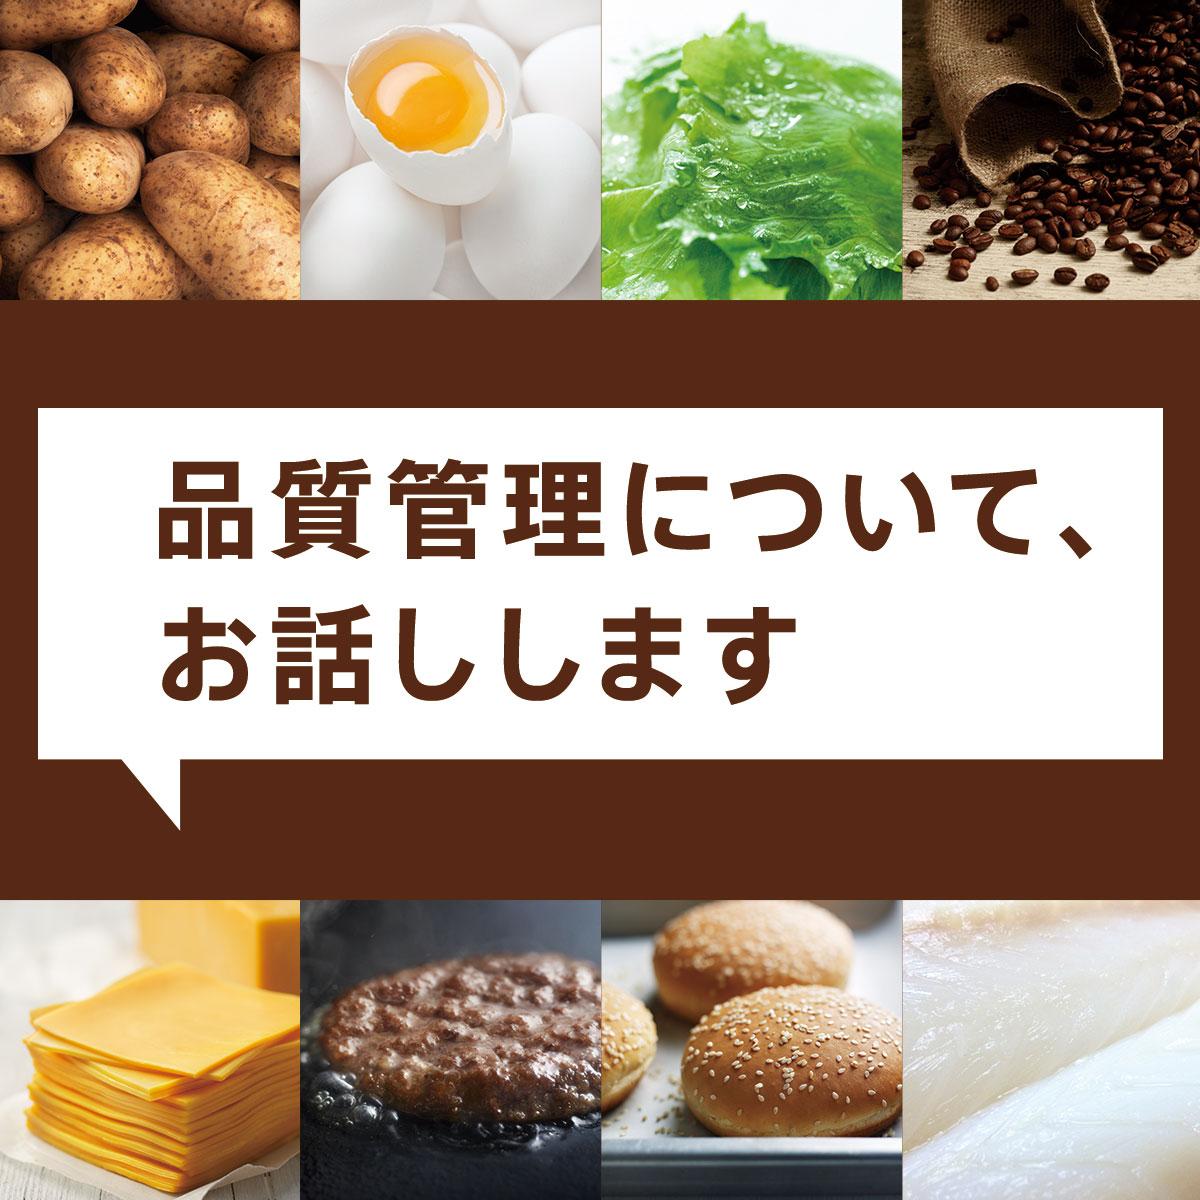 品質管理について、お話しします | McDonald's Japan